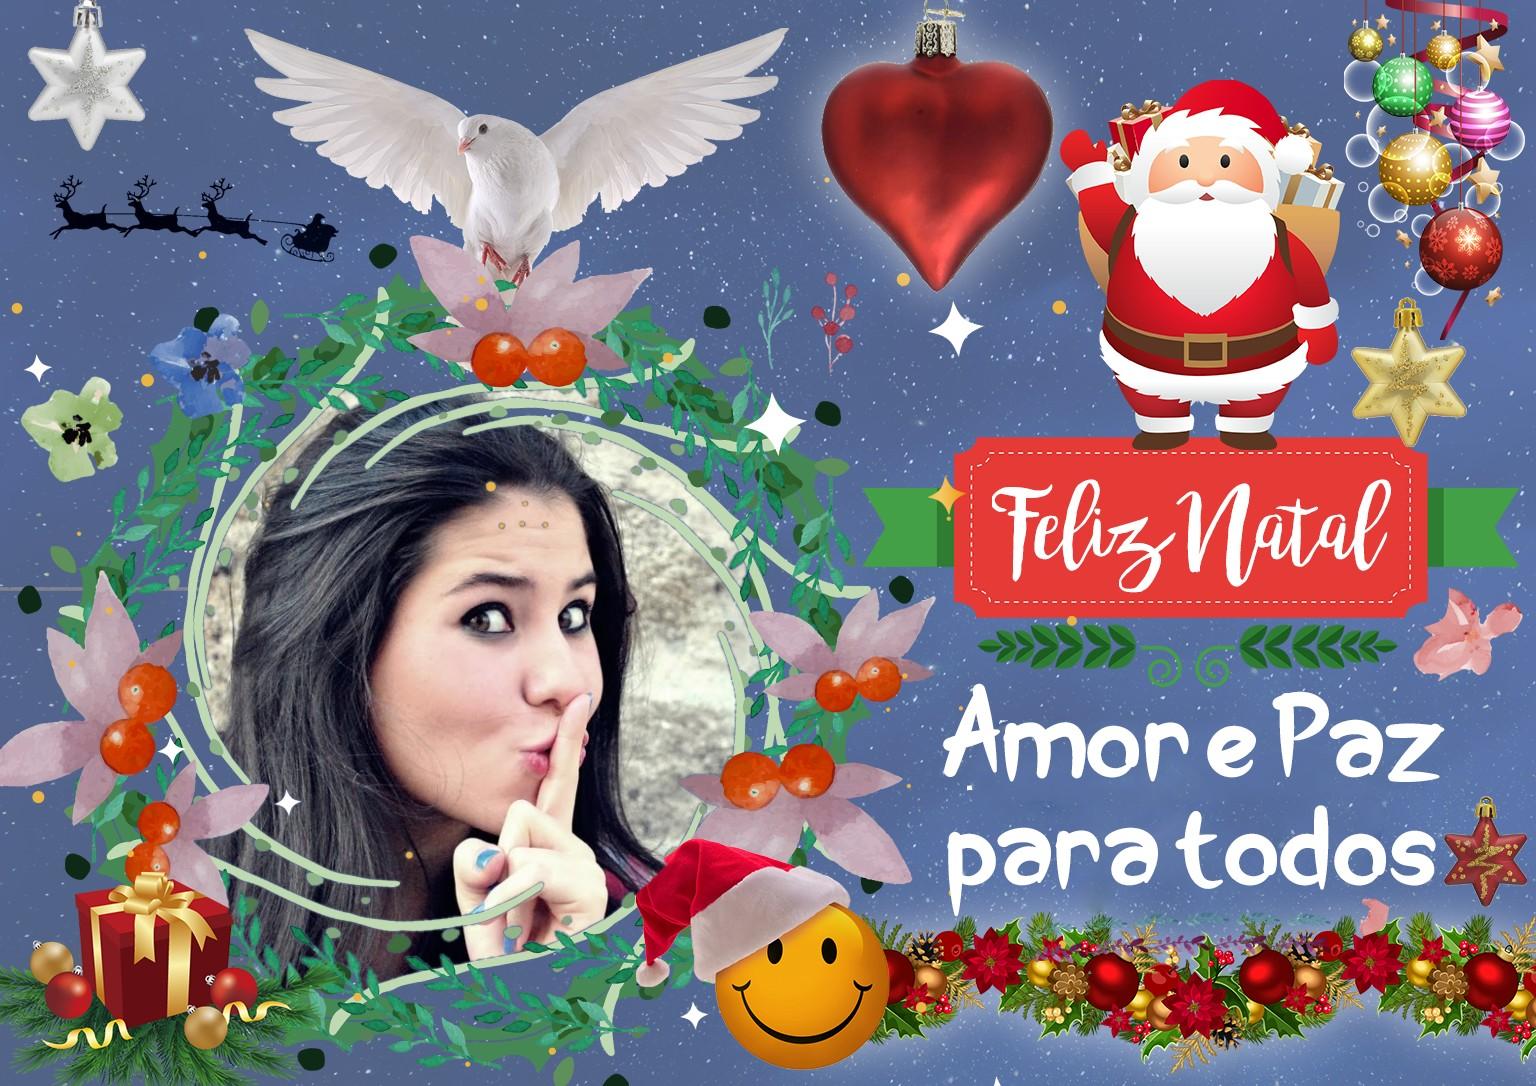 foto-moldura-feliz-natal-amor-e-paz-para-todos